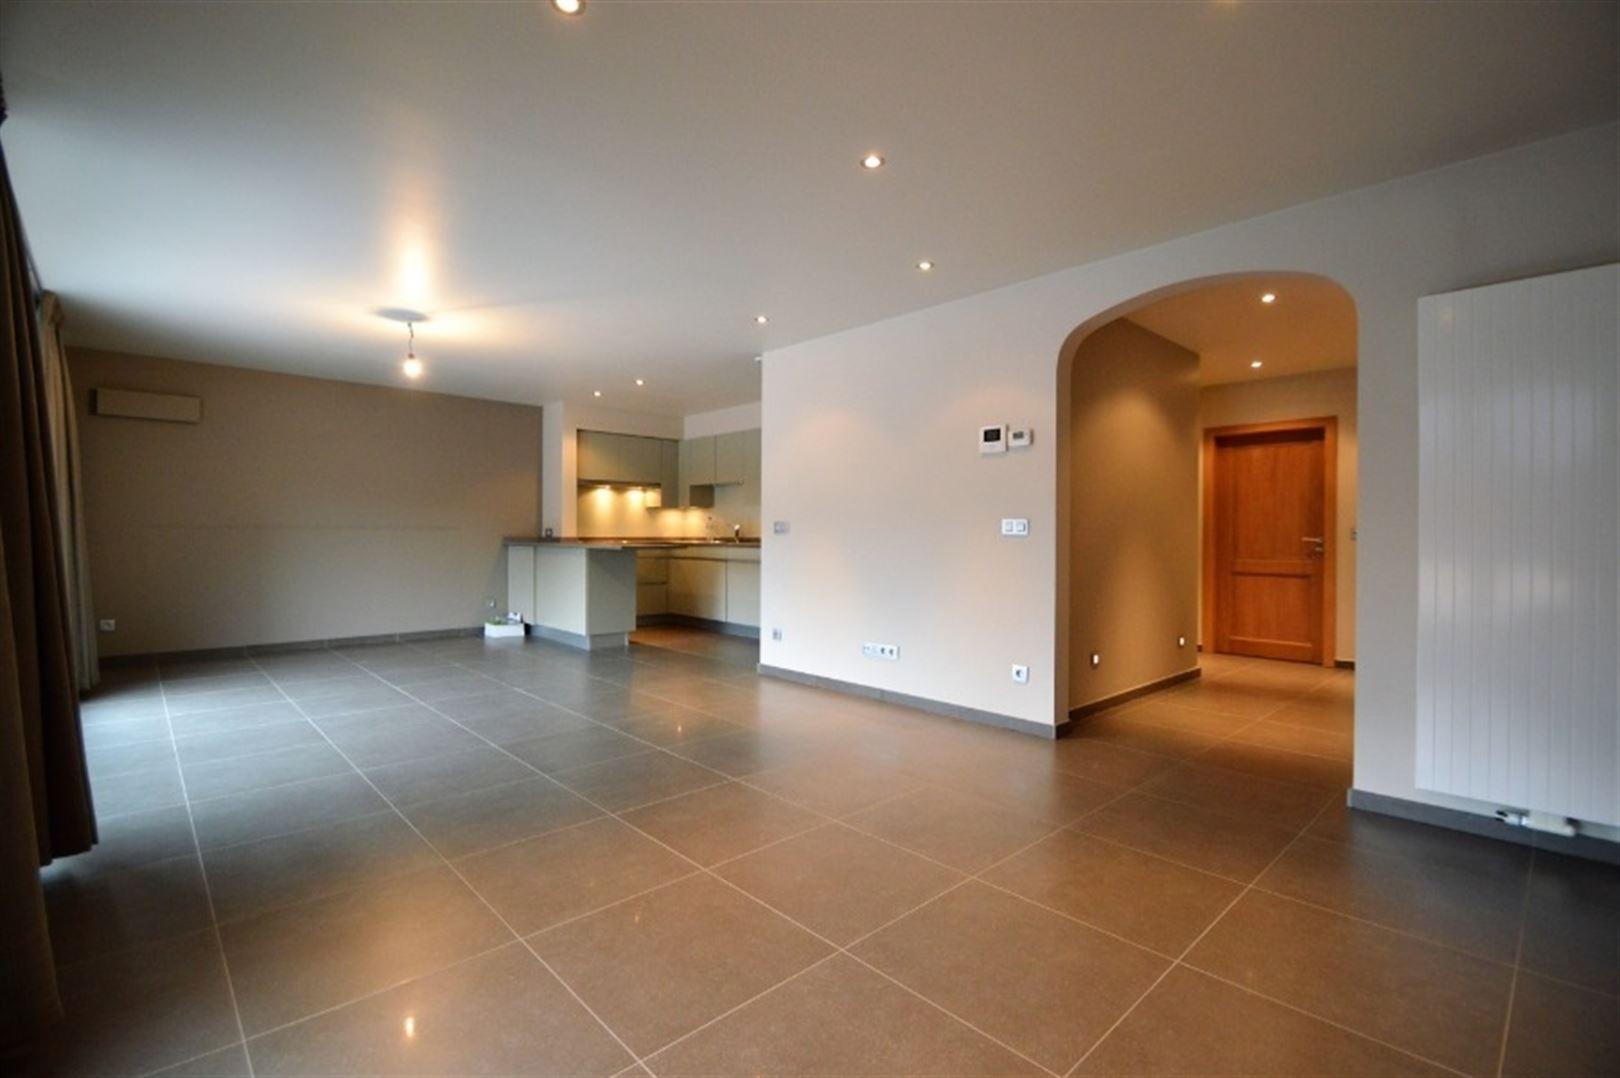 Foto 4 : Appartement te 9240 Zele (België) - Prijs € 725